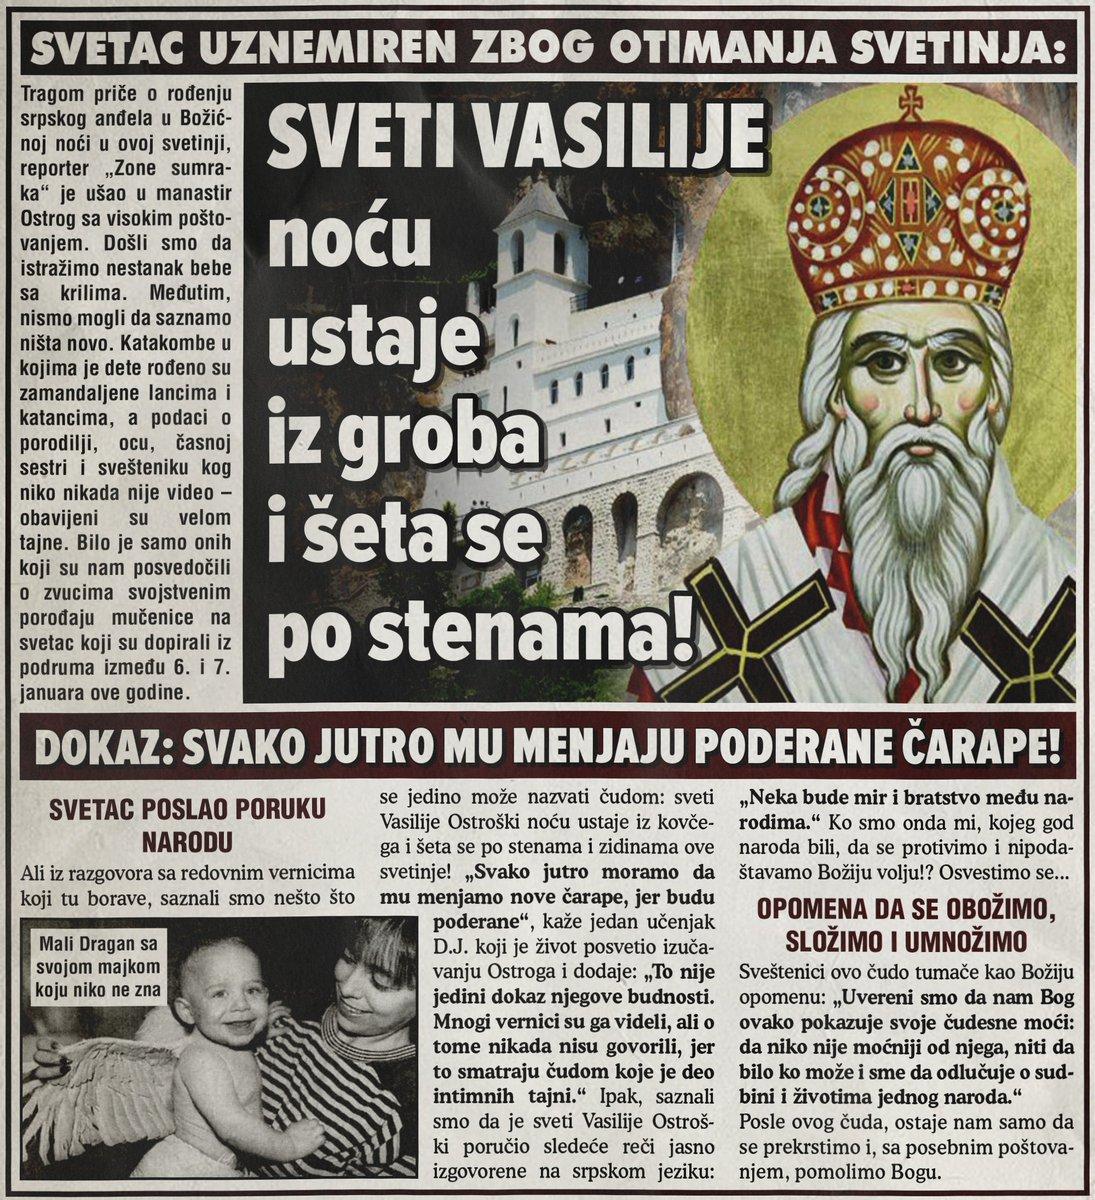 Ostrog: Sveti Vasilije noću ustaje iz groba i šeta se po stenama